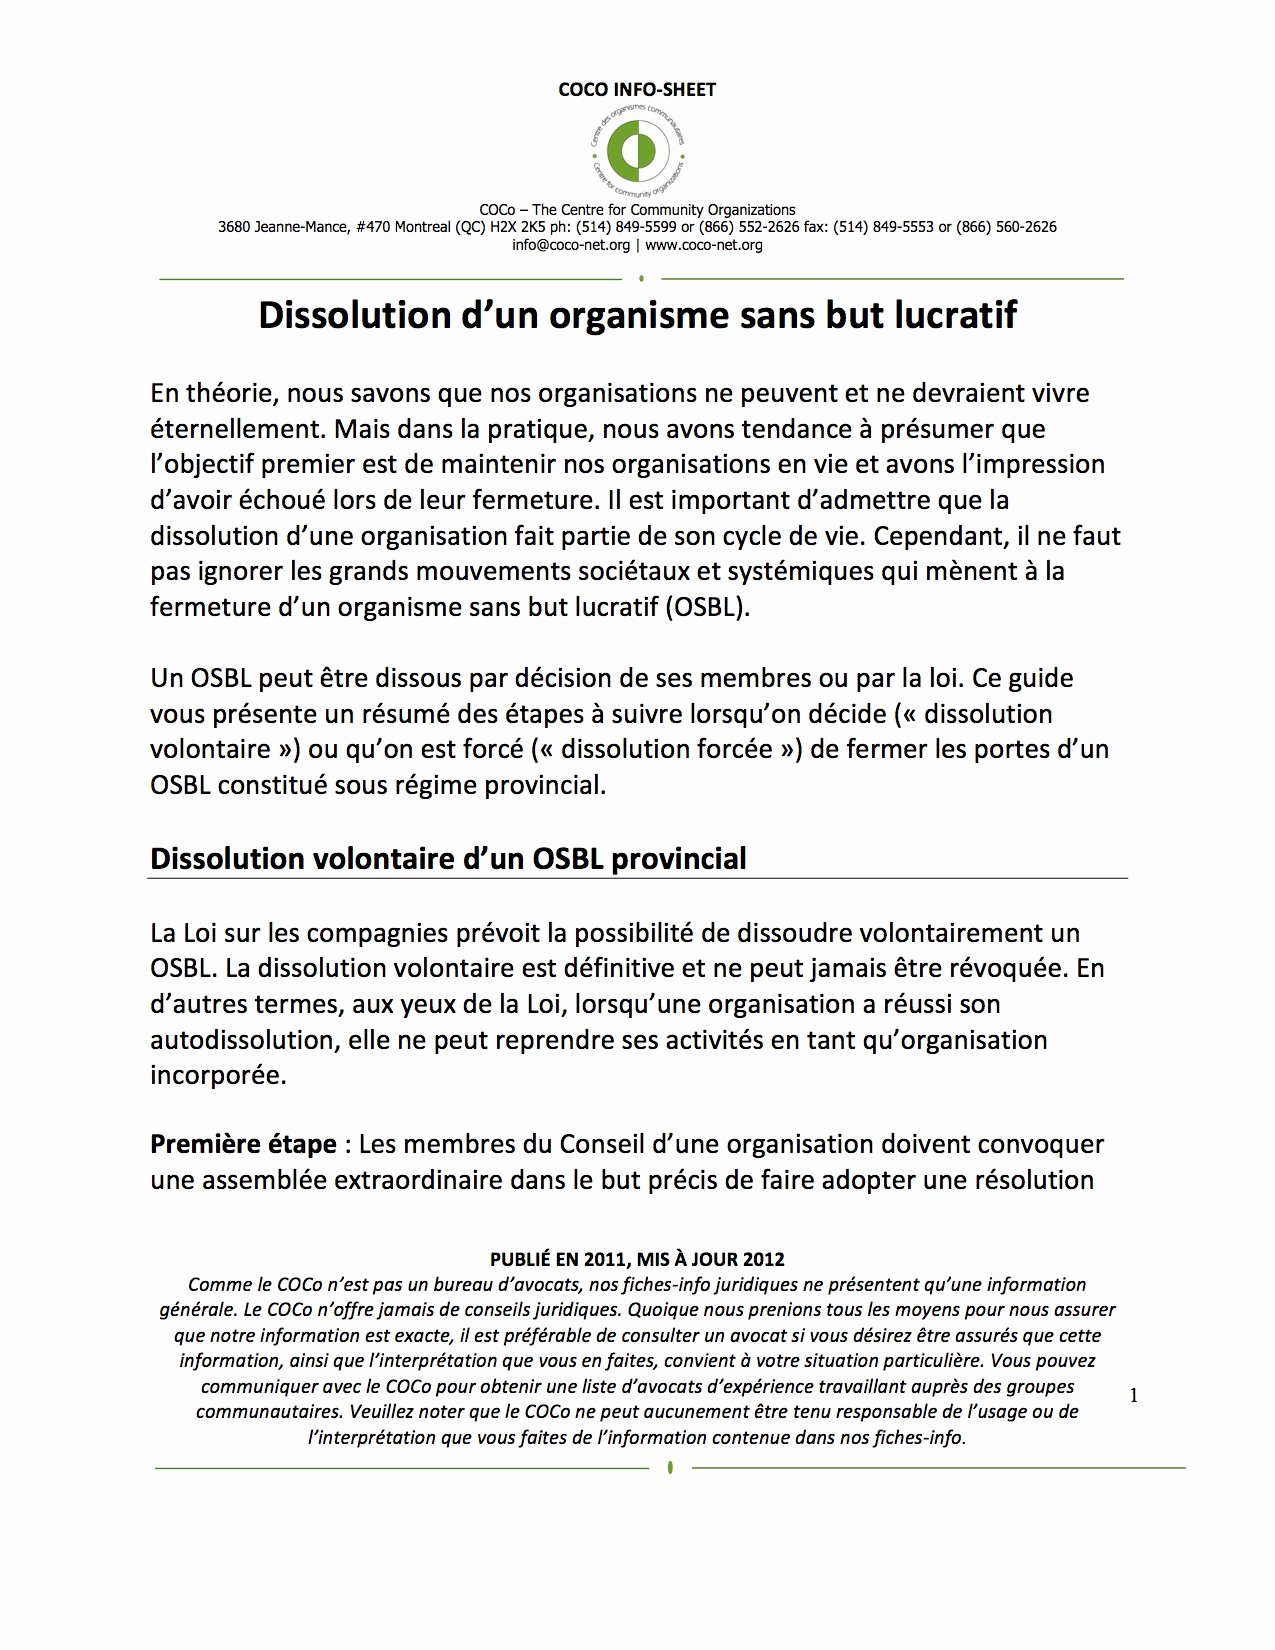 Board Resolution Template Non Profit Awesome Dissolution Of A Non Profit organization Coco